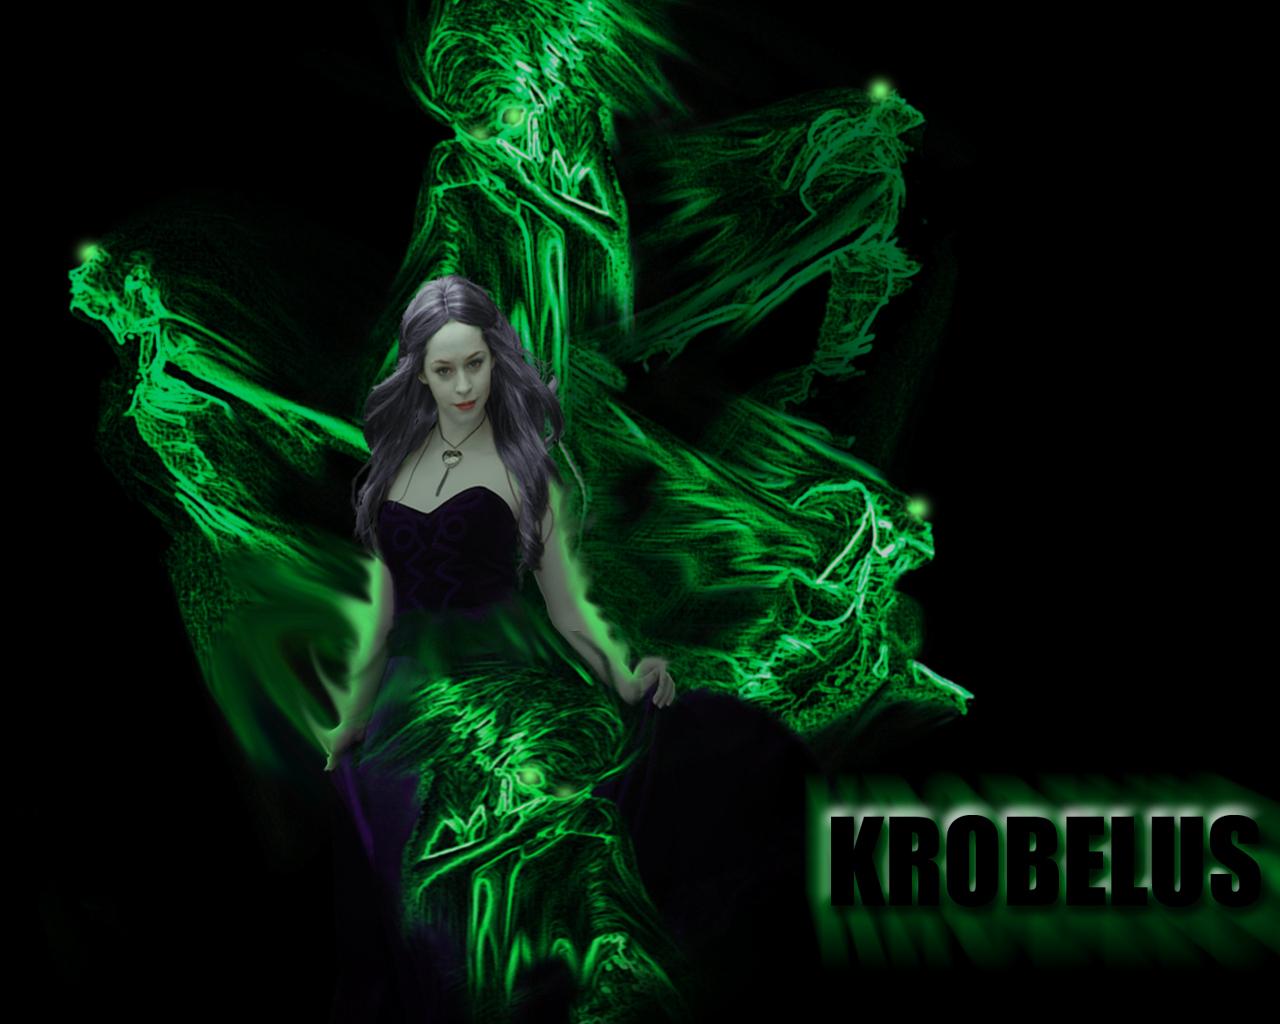 http://2.bp.blogspot.com/-sIpN4dy_ELw/Tggkvq6tkSI/AAAAAAAAAnM/1Npvl9QdezE/s1600/Krobelus_Wallpaper_by_KaetdoRasetsu.jpg